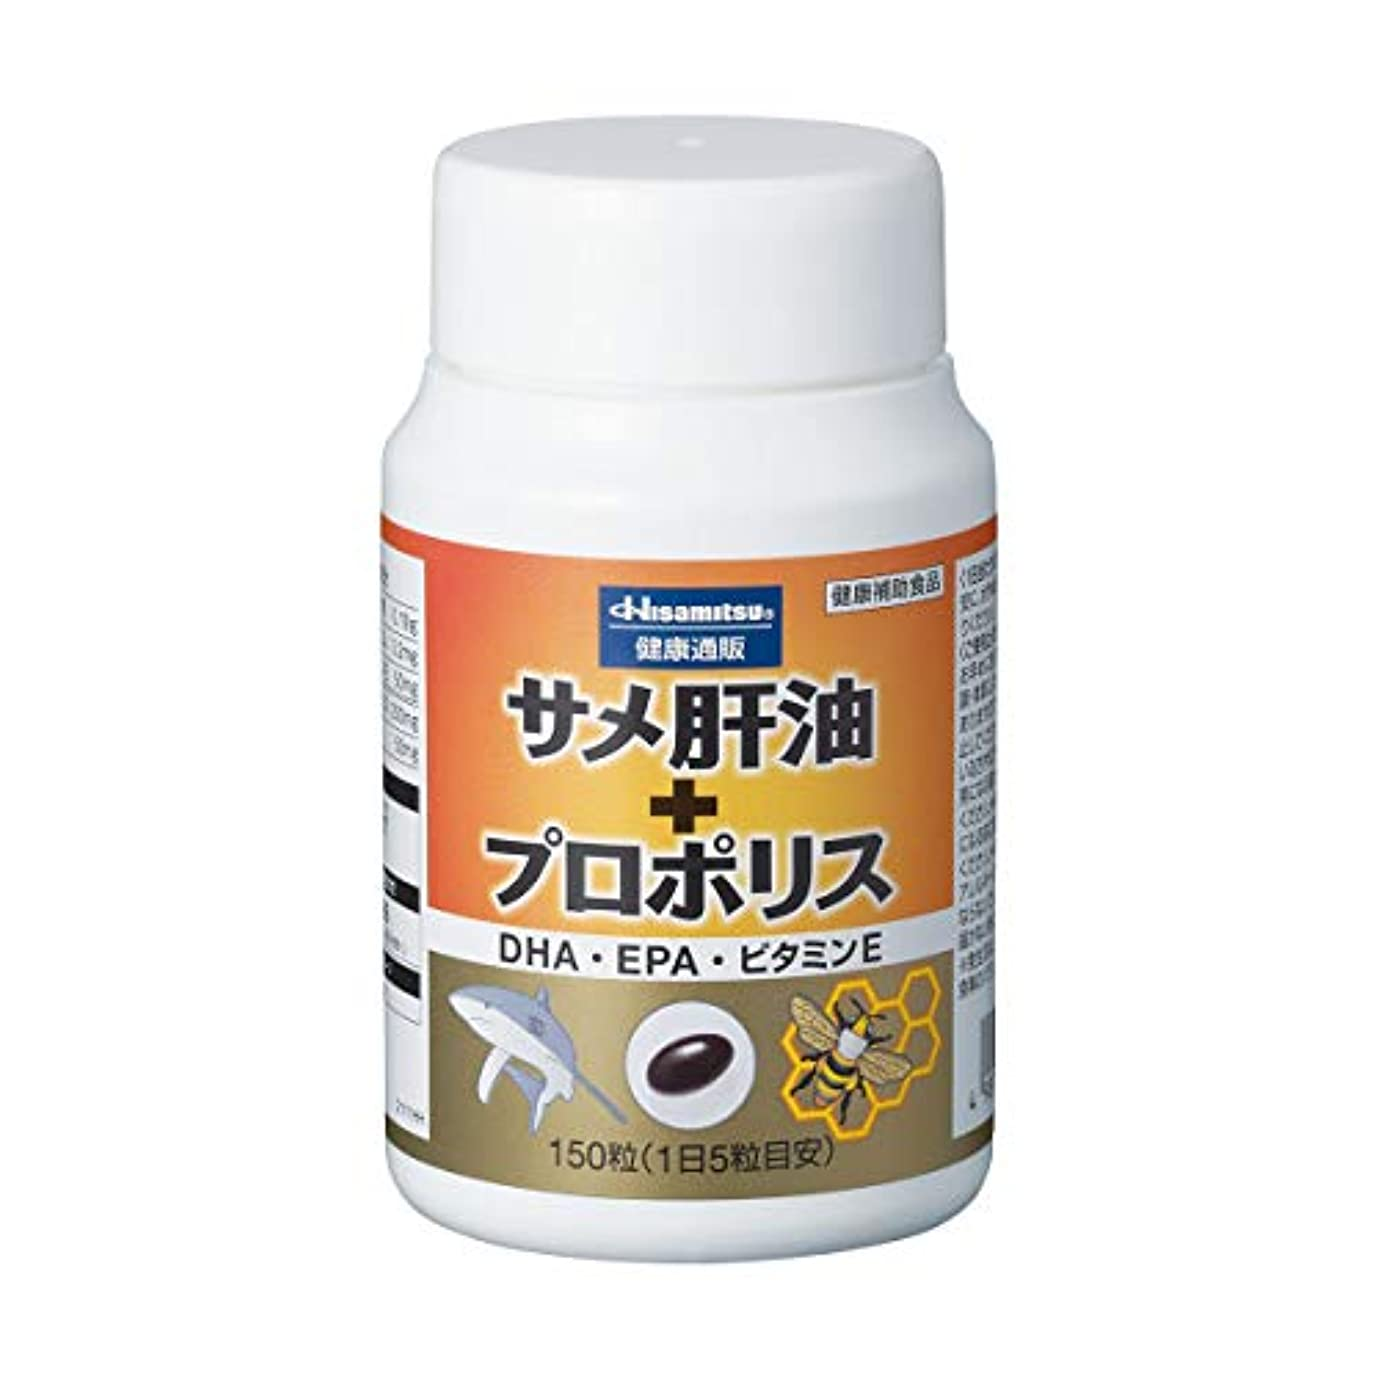 立ち寄る寛大なやりがいのあるサメ肝油 + プロポリス 150粒 DHA EPA ビタミンE 配合 久光製薬